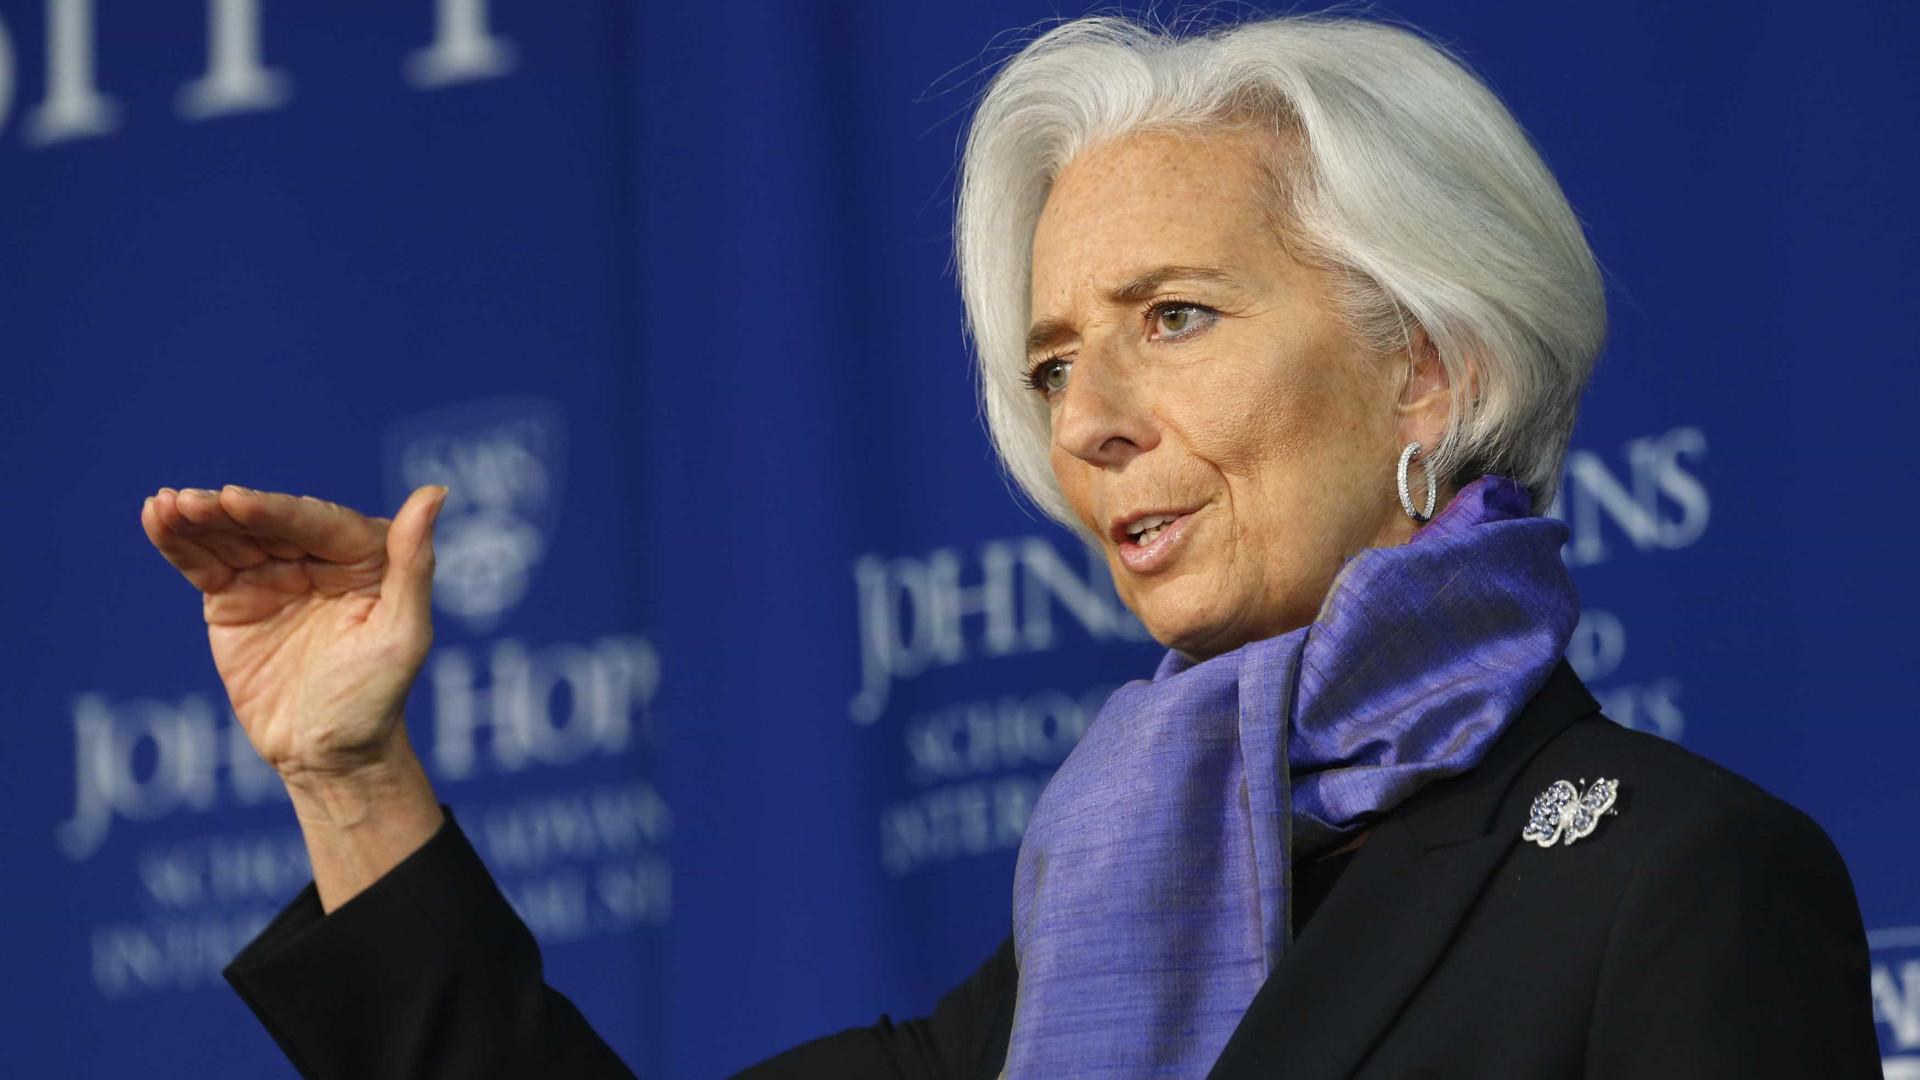 """Diretora do FMI """"horrorizada"""" com desaparecimento de jornalista saudita"""